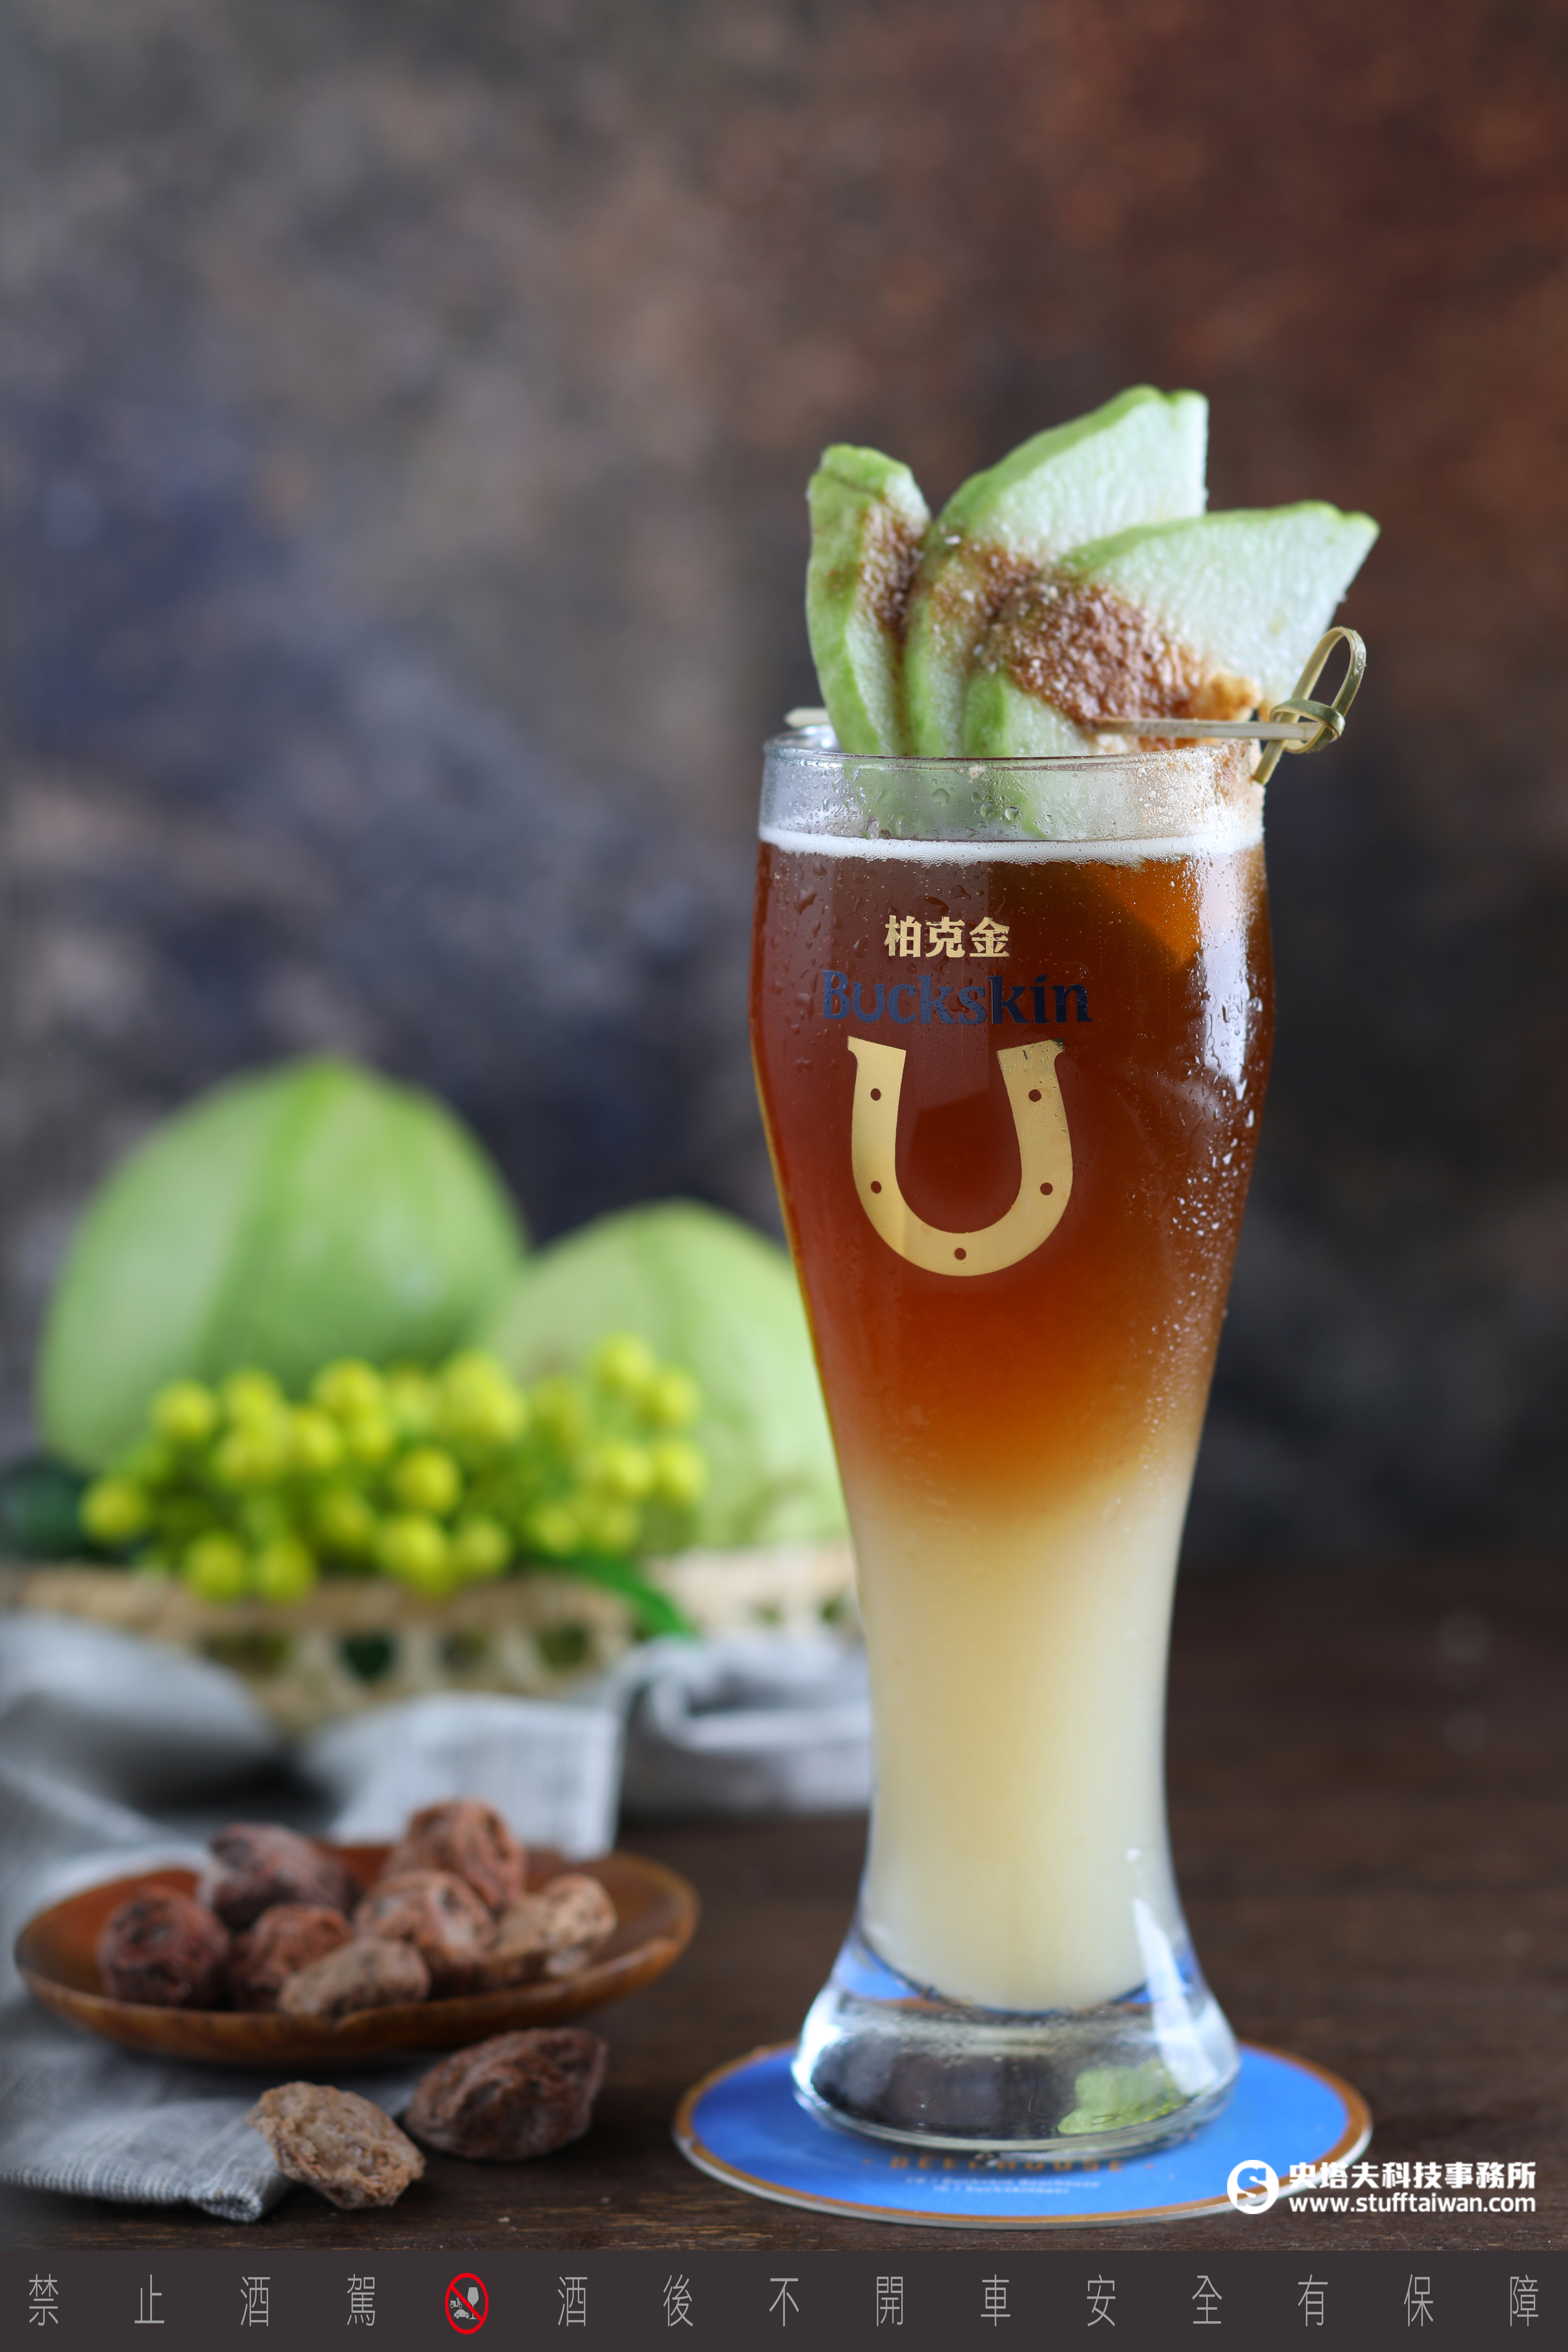 清晨迷霧:使用苦味較低,具有強烈個性特色的德式煙燻啤酒,搭配台灣在地的芭樂及甘草粉,巧妙地將德式與台式做結合,創造出一種兩個文化集合成一身的特色調酒。 NT$200/杯